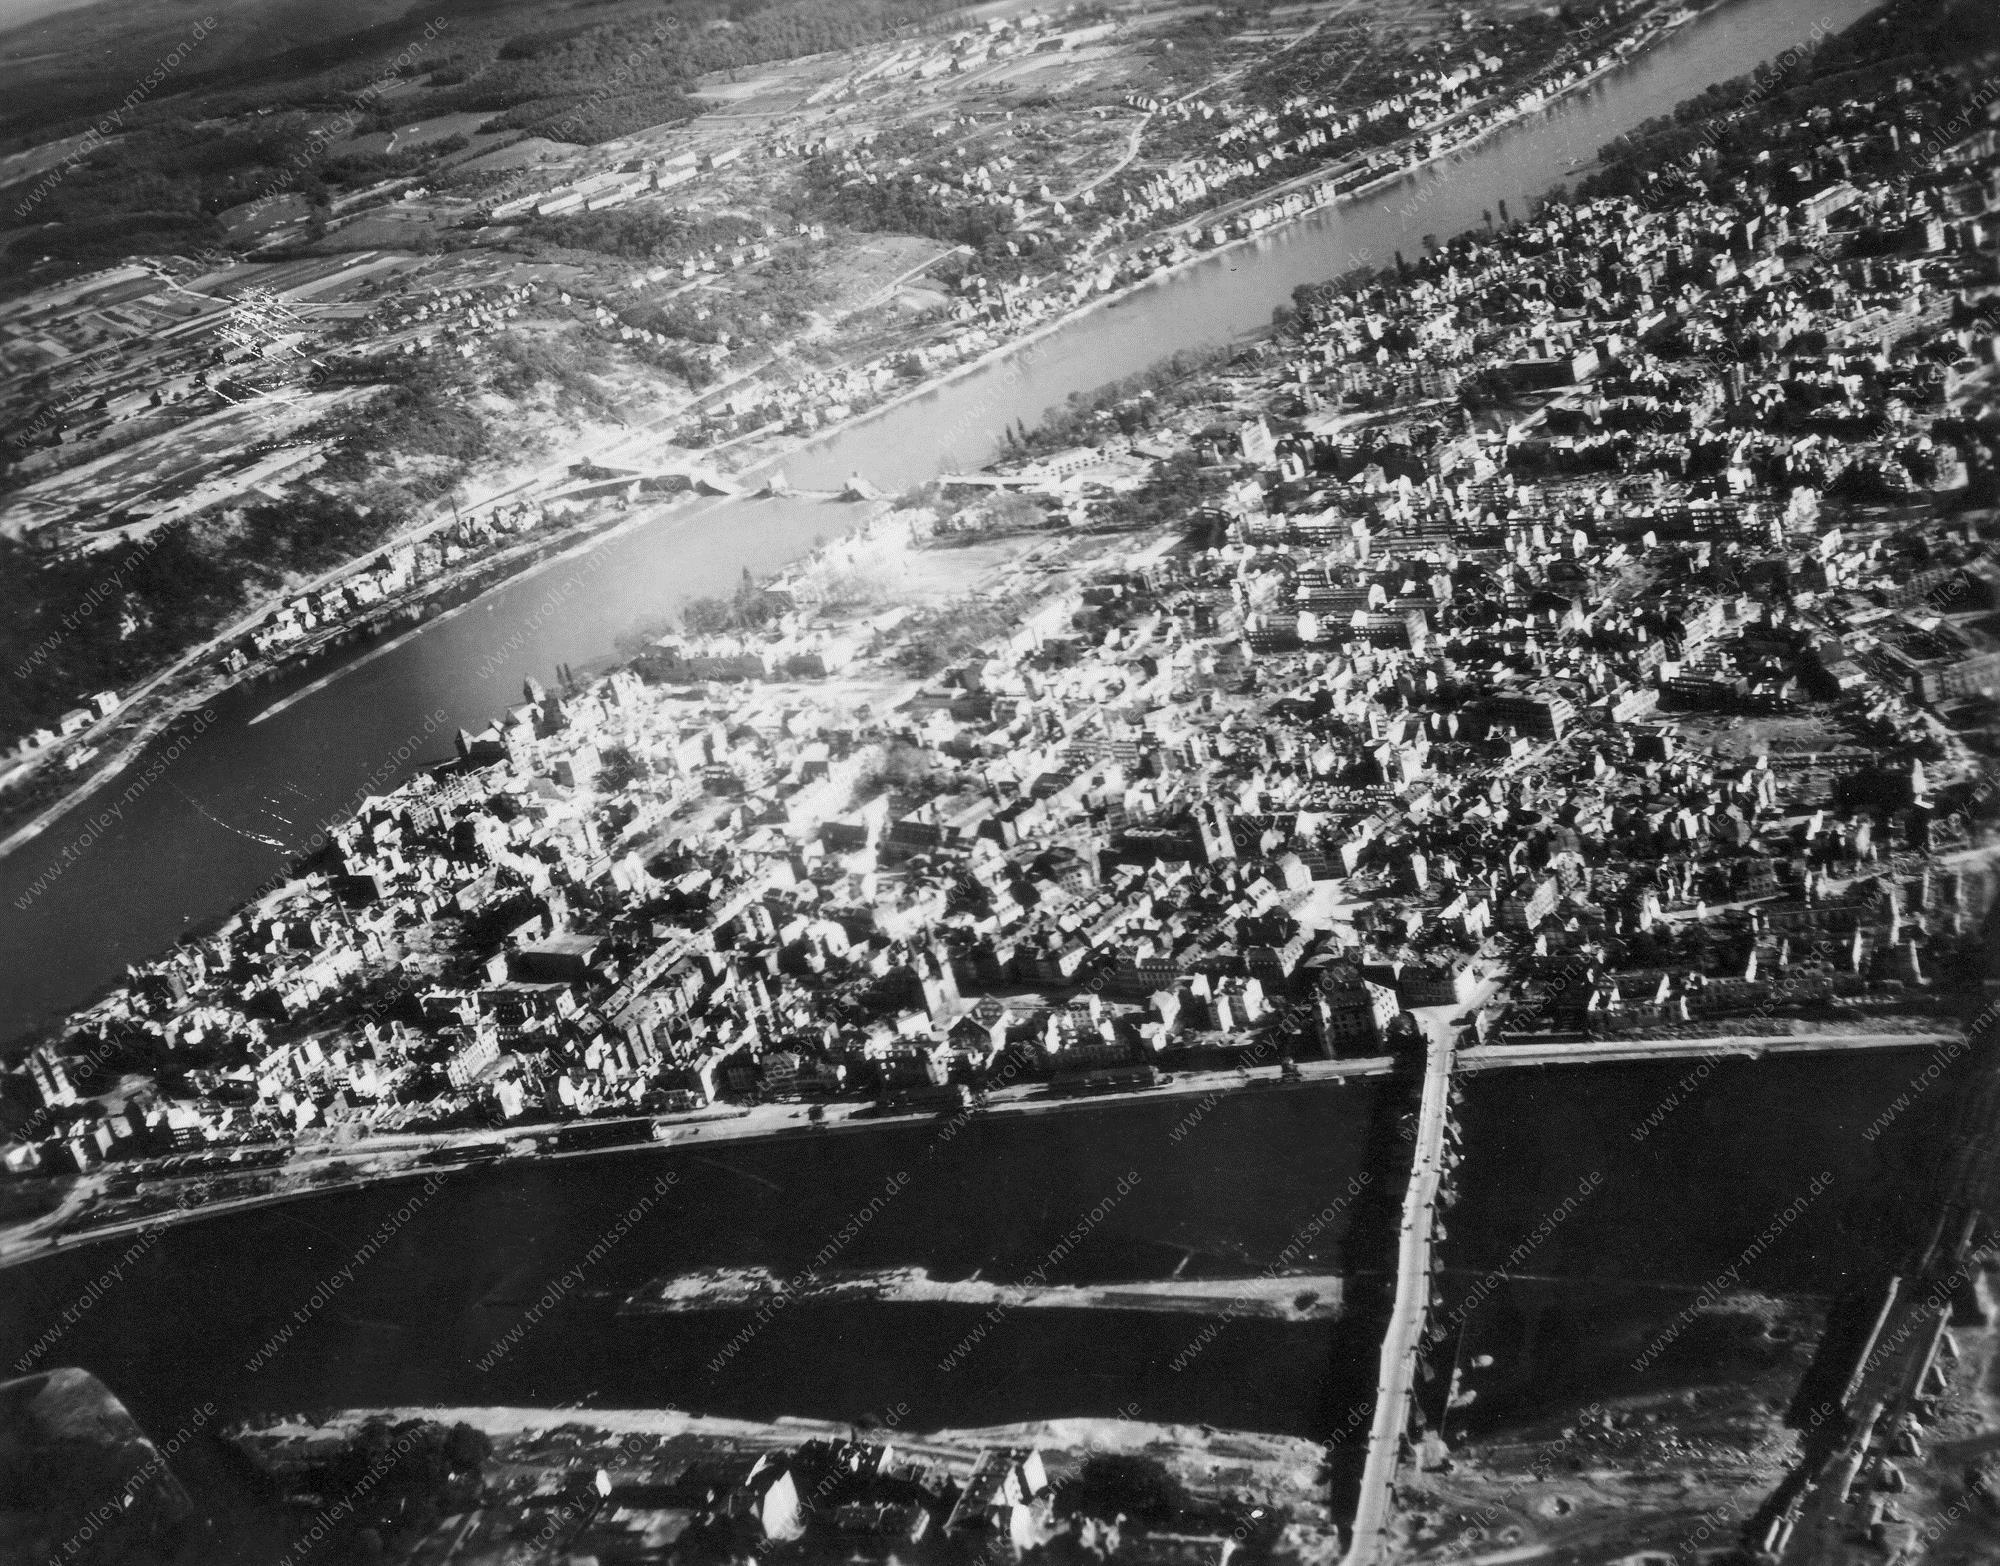 Koblenz Luftbild Deutsches Eck, Moseleisenbahnbrücke und Balduinbrücke